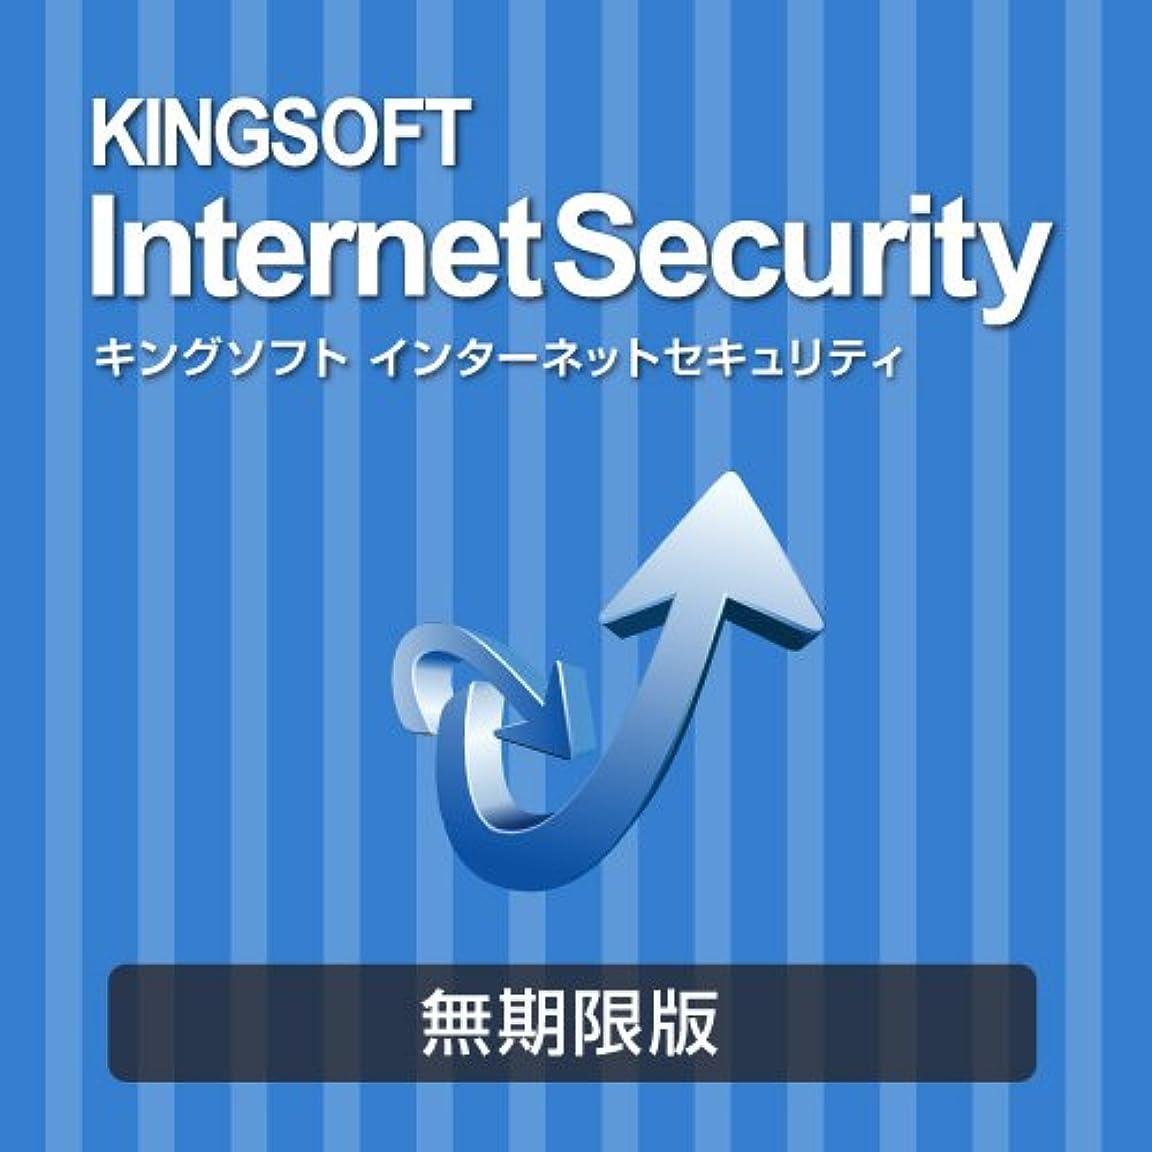 財布トランスミッション司法KINGSOFT Internet Security|ダウンロード版